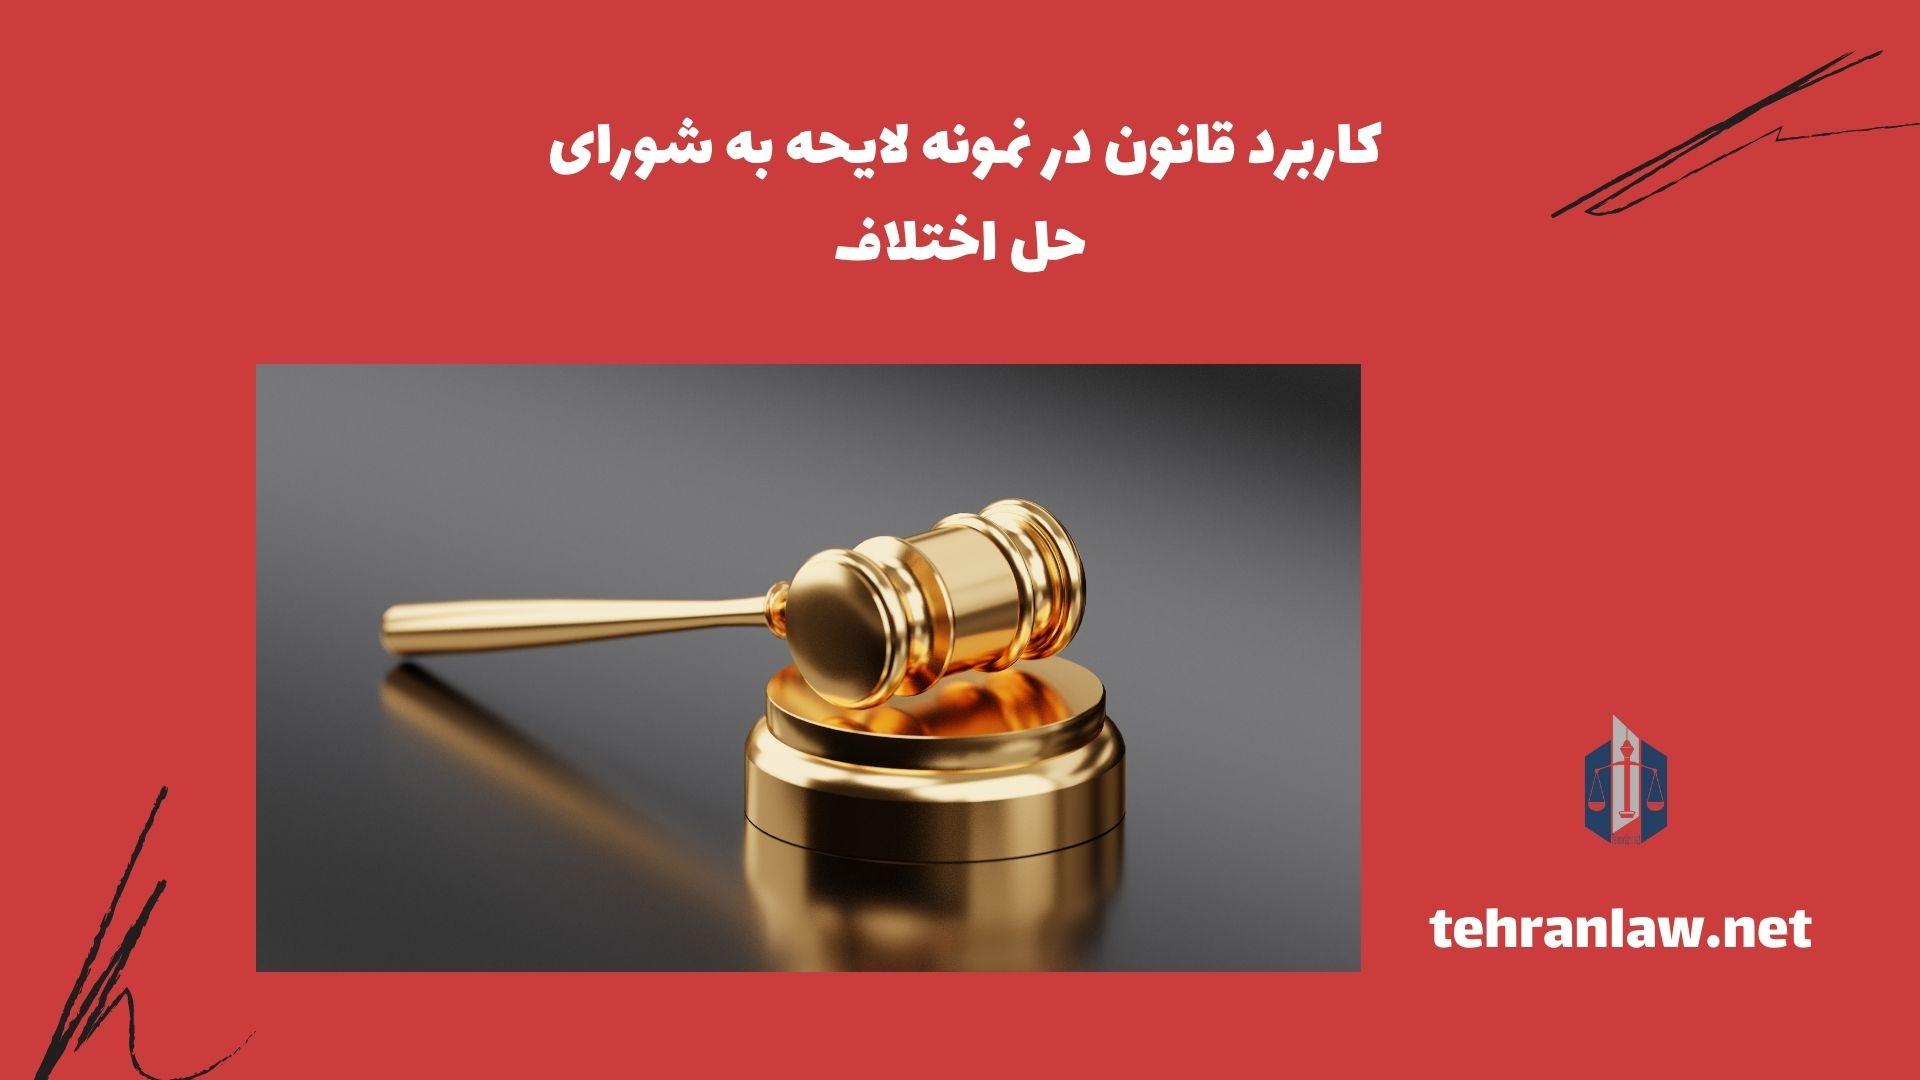 کاربرد قانون در نمونه لایحه به شورای حل اختلاف